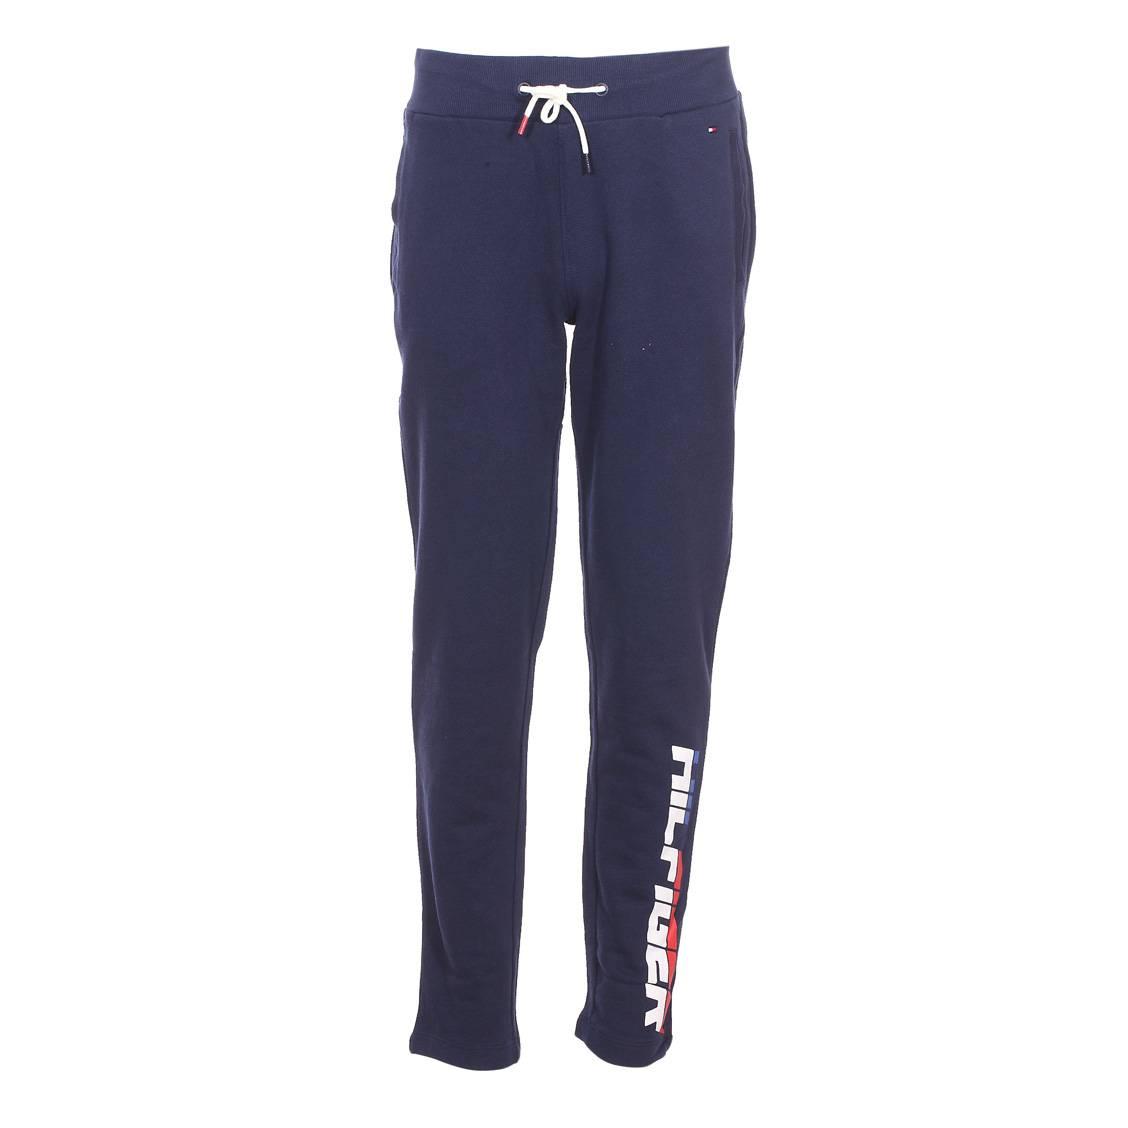 Pantalon de jogging Tommy Hilfiger Junior en coton bleu marine ... 850b8e0c1b4